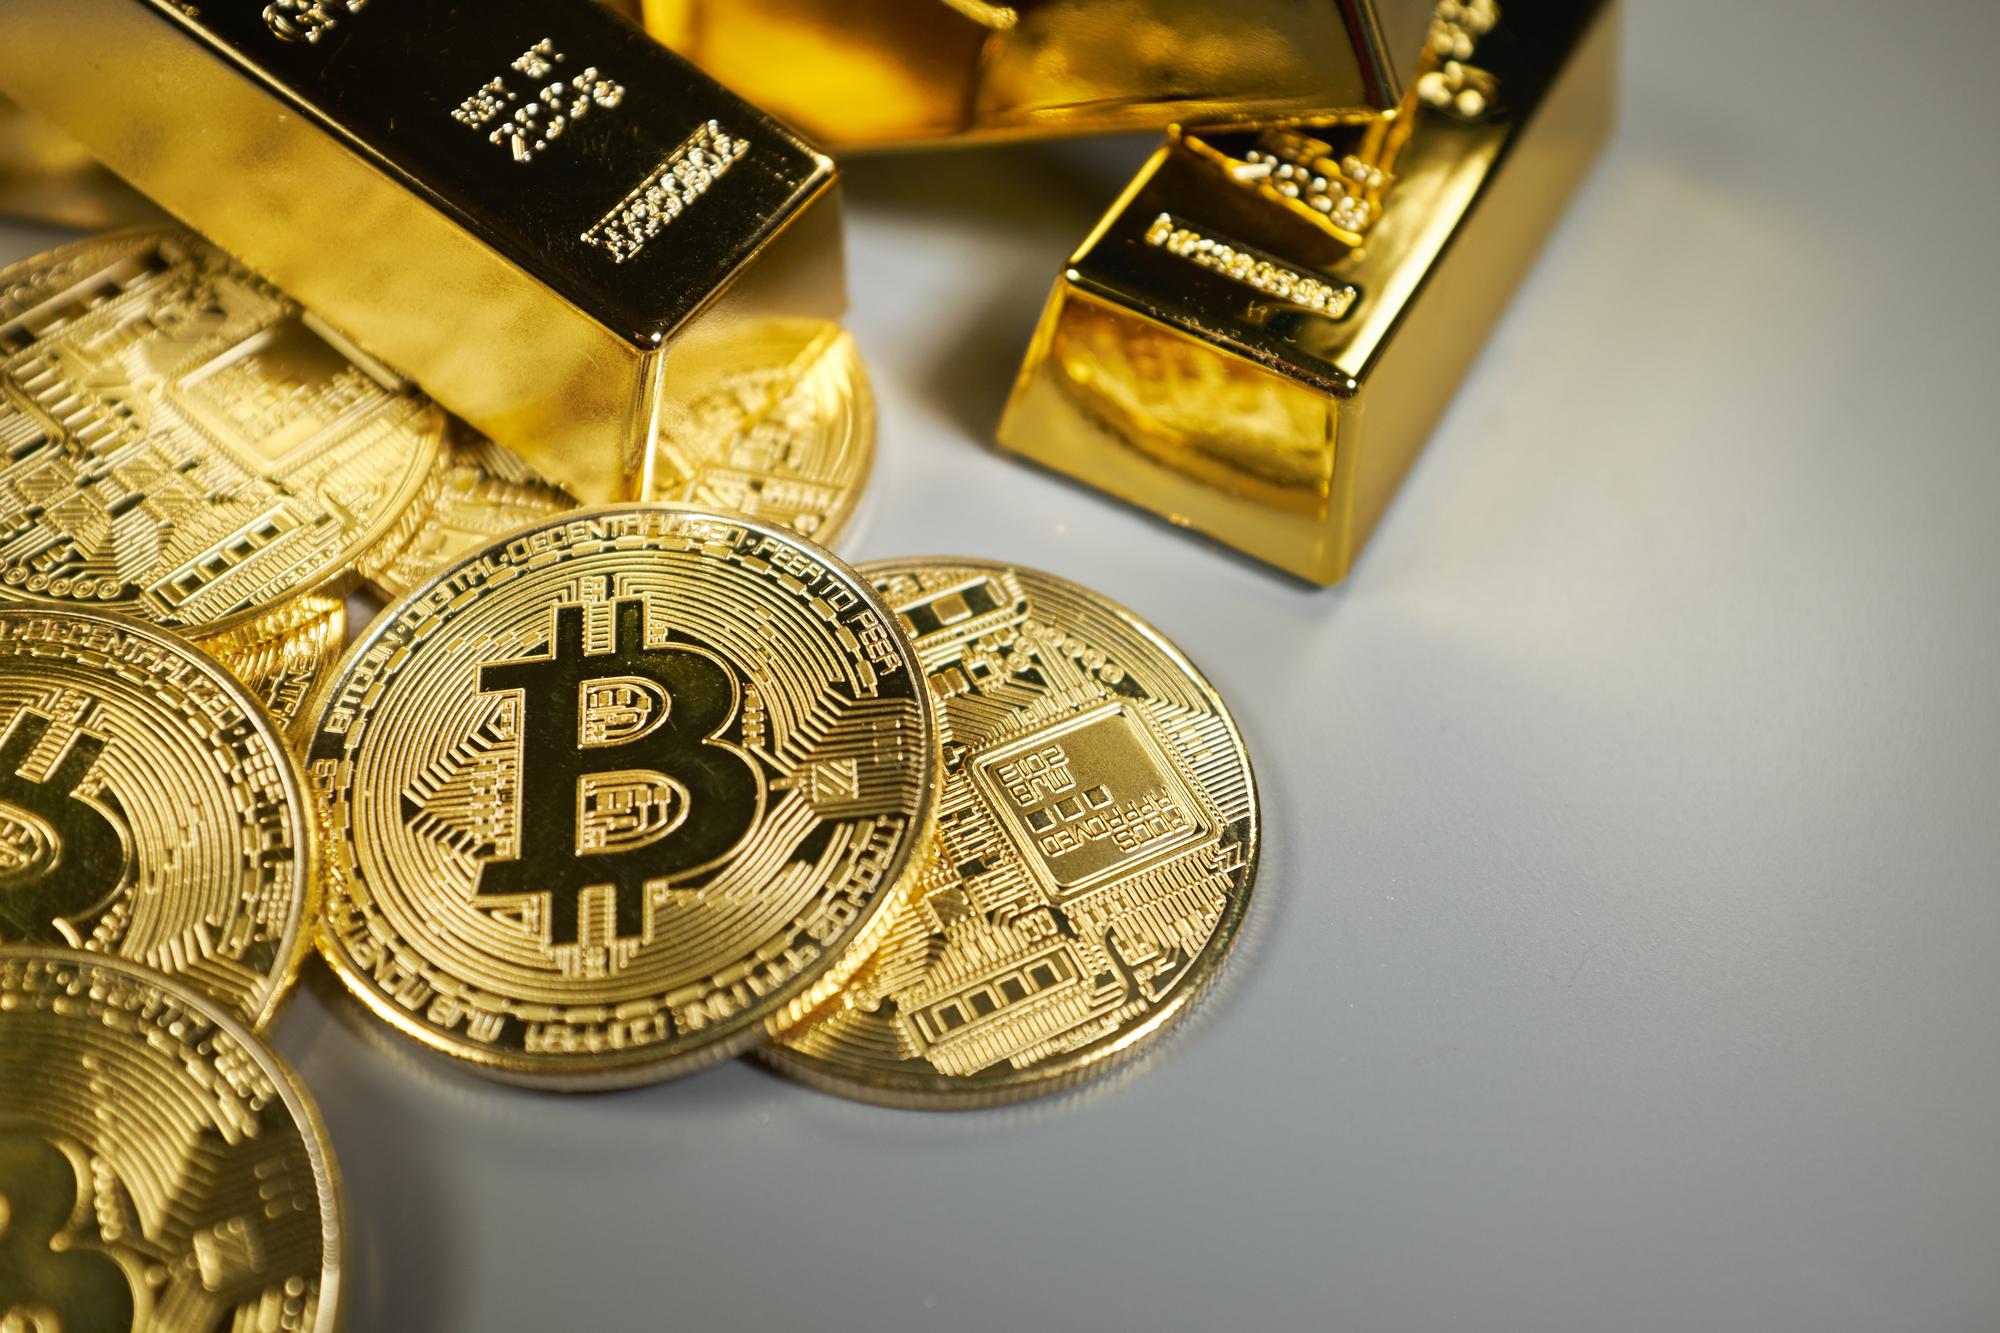 طلا و بیت کوین با همبستگی قیمت رکورد زدند.فرهاد اکسچنج